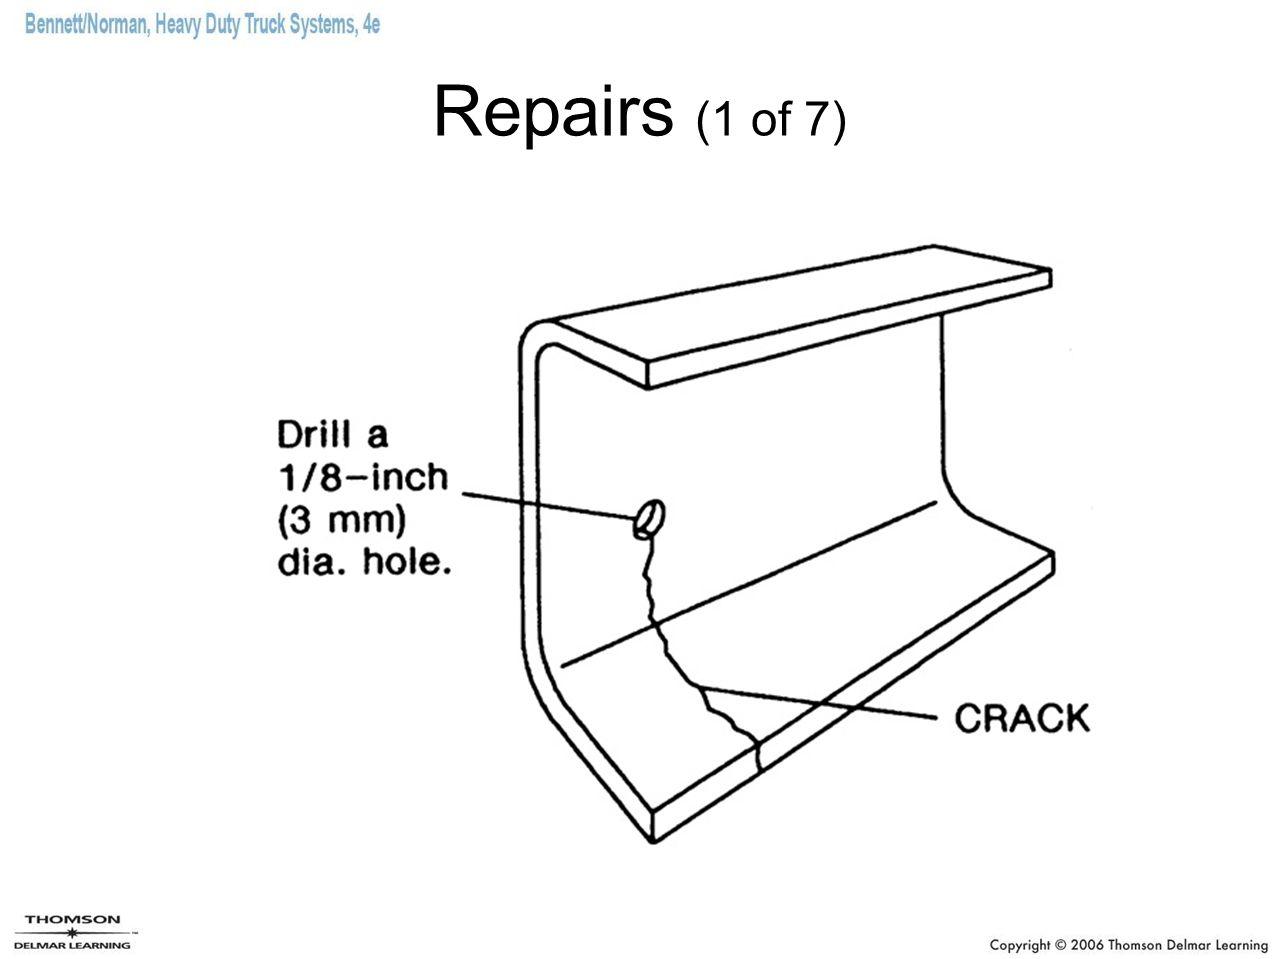 Repairs (1 of 7)